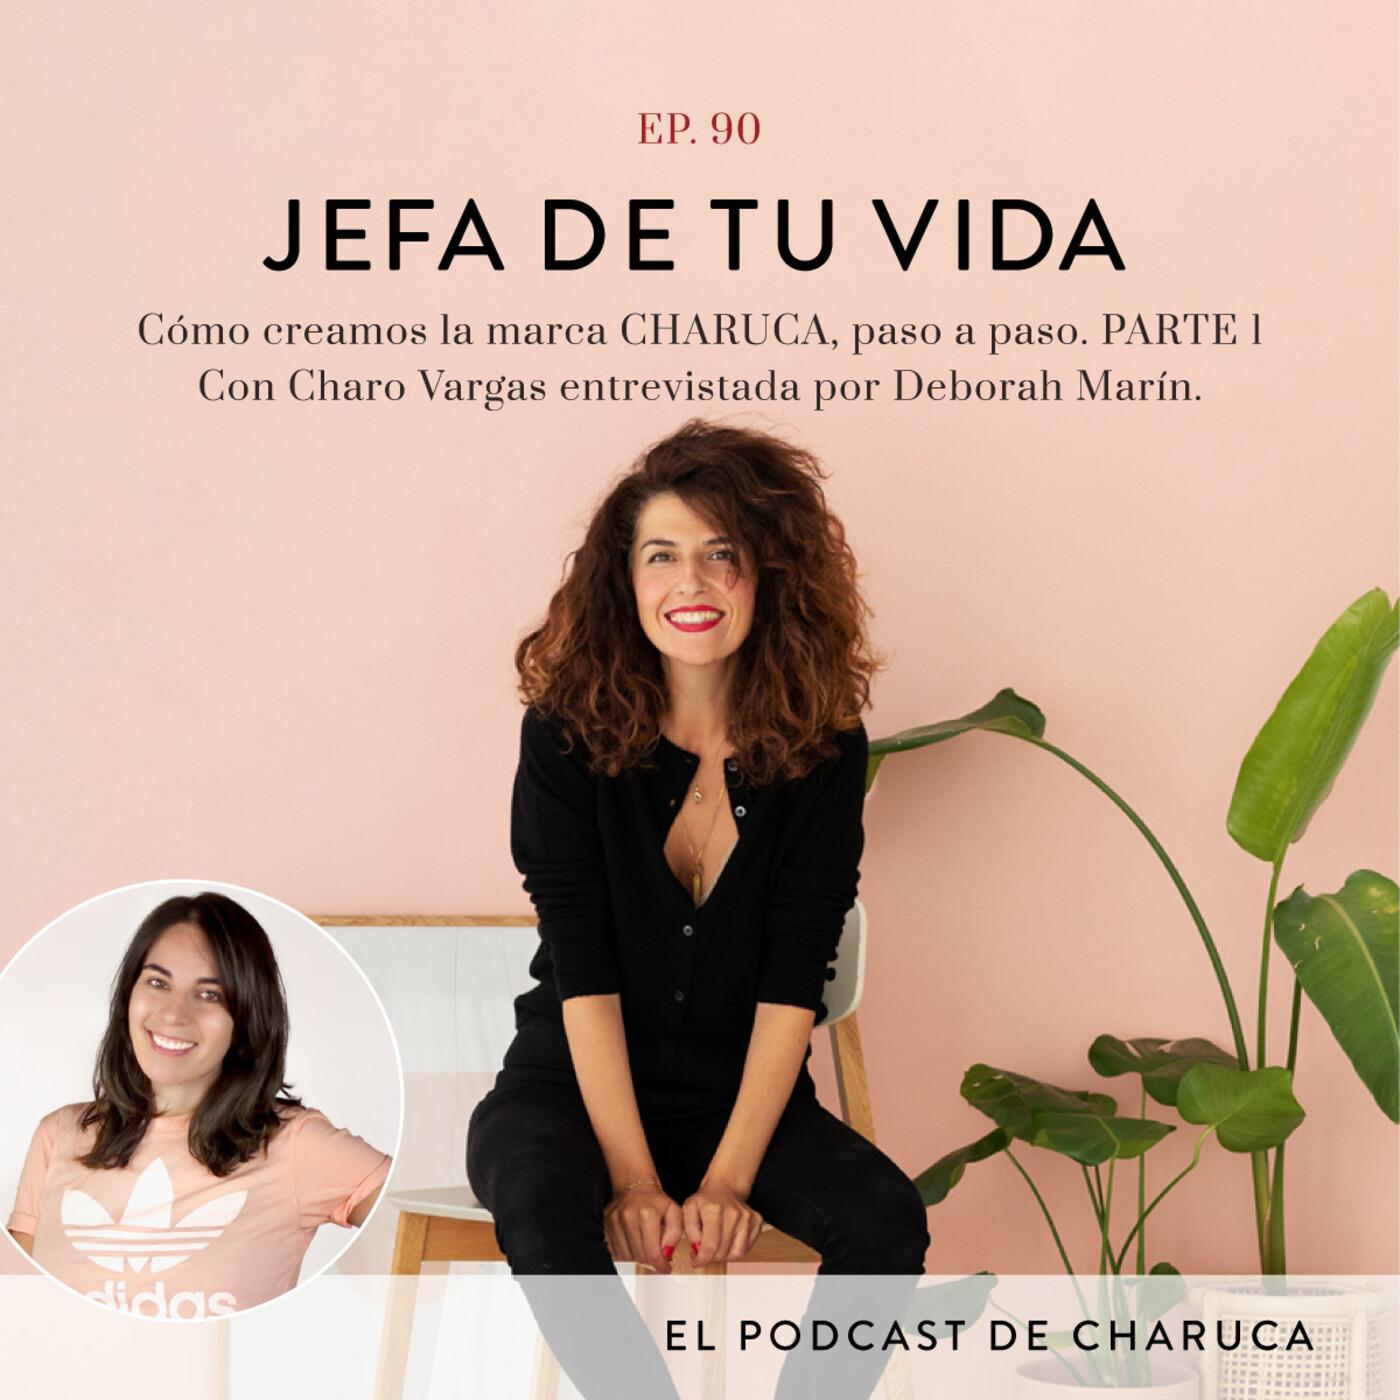 90. Cómo creamos la marca CHARUCA, paso a paso. PARTE 1. Con Charo Vargas entrevistada por Deborah Marín.